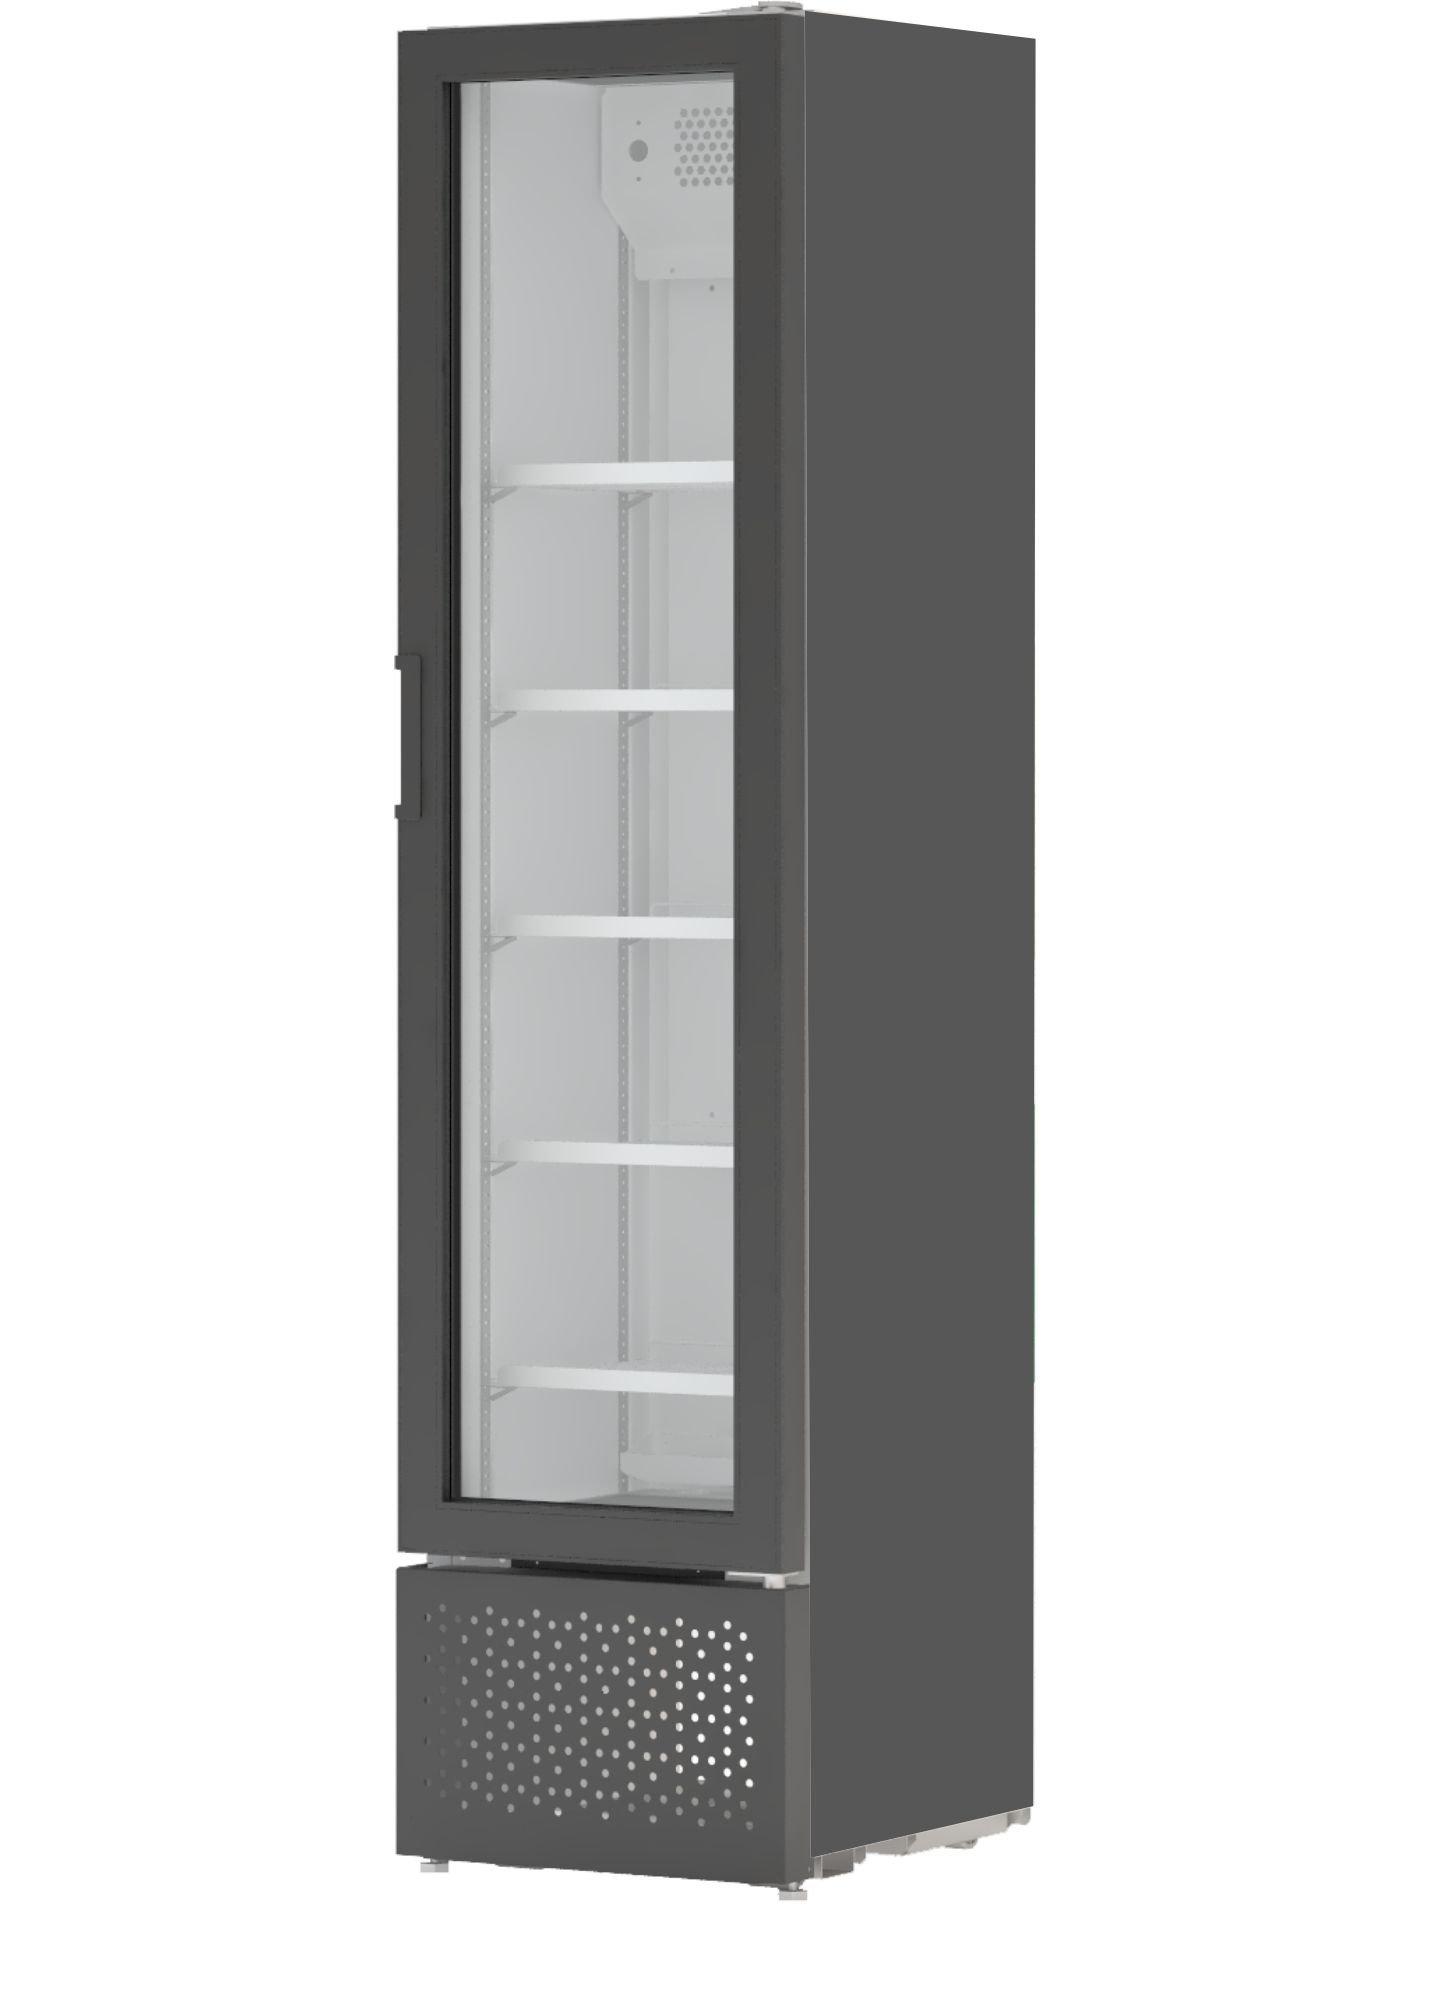 senox-sc-105